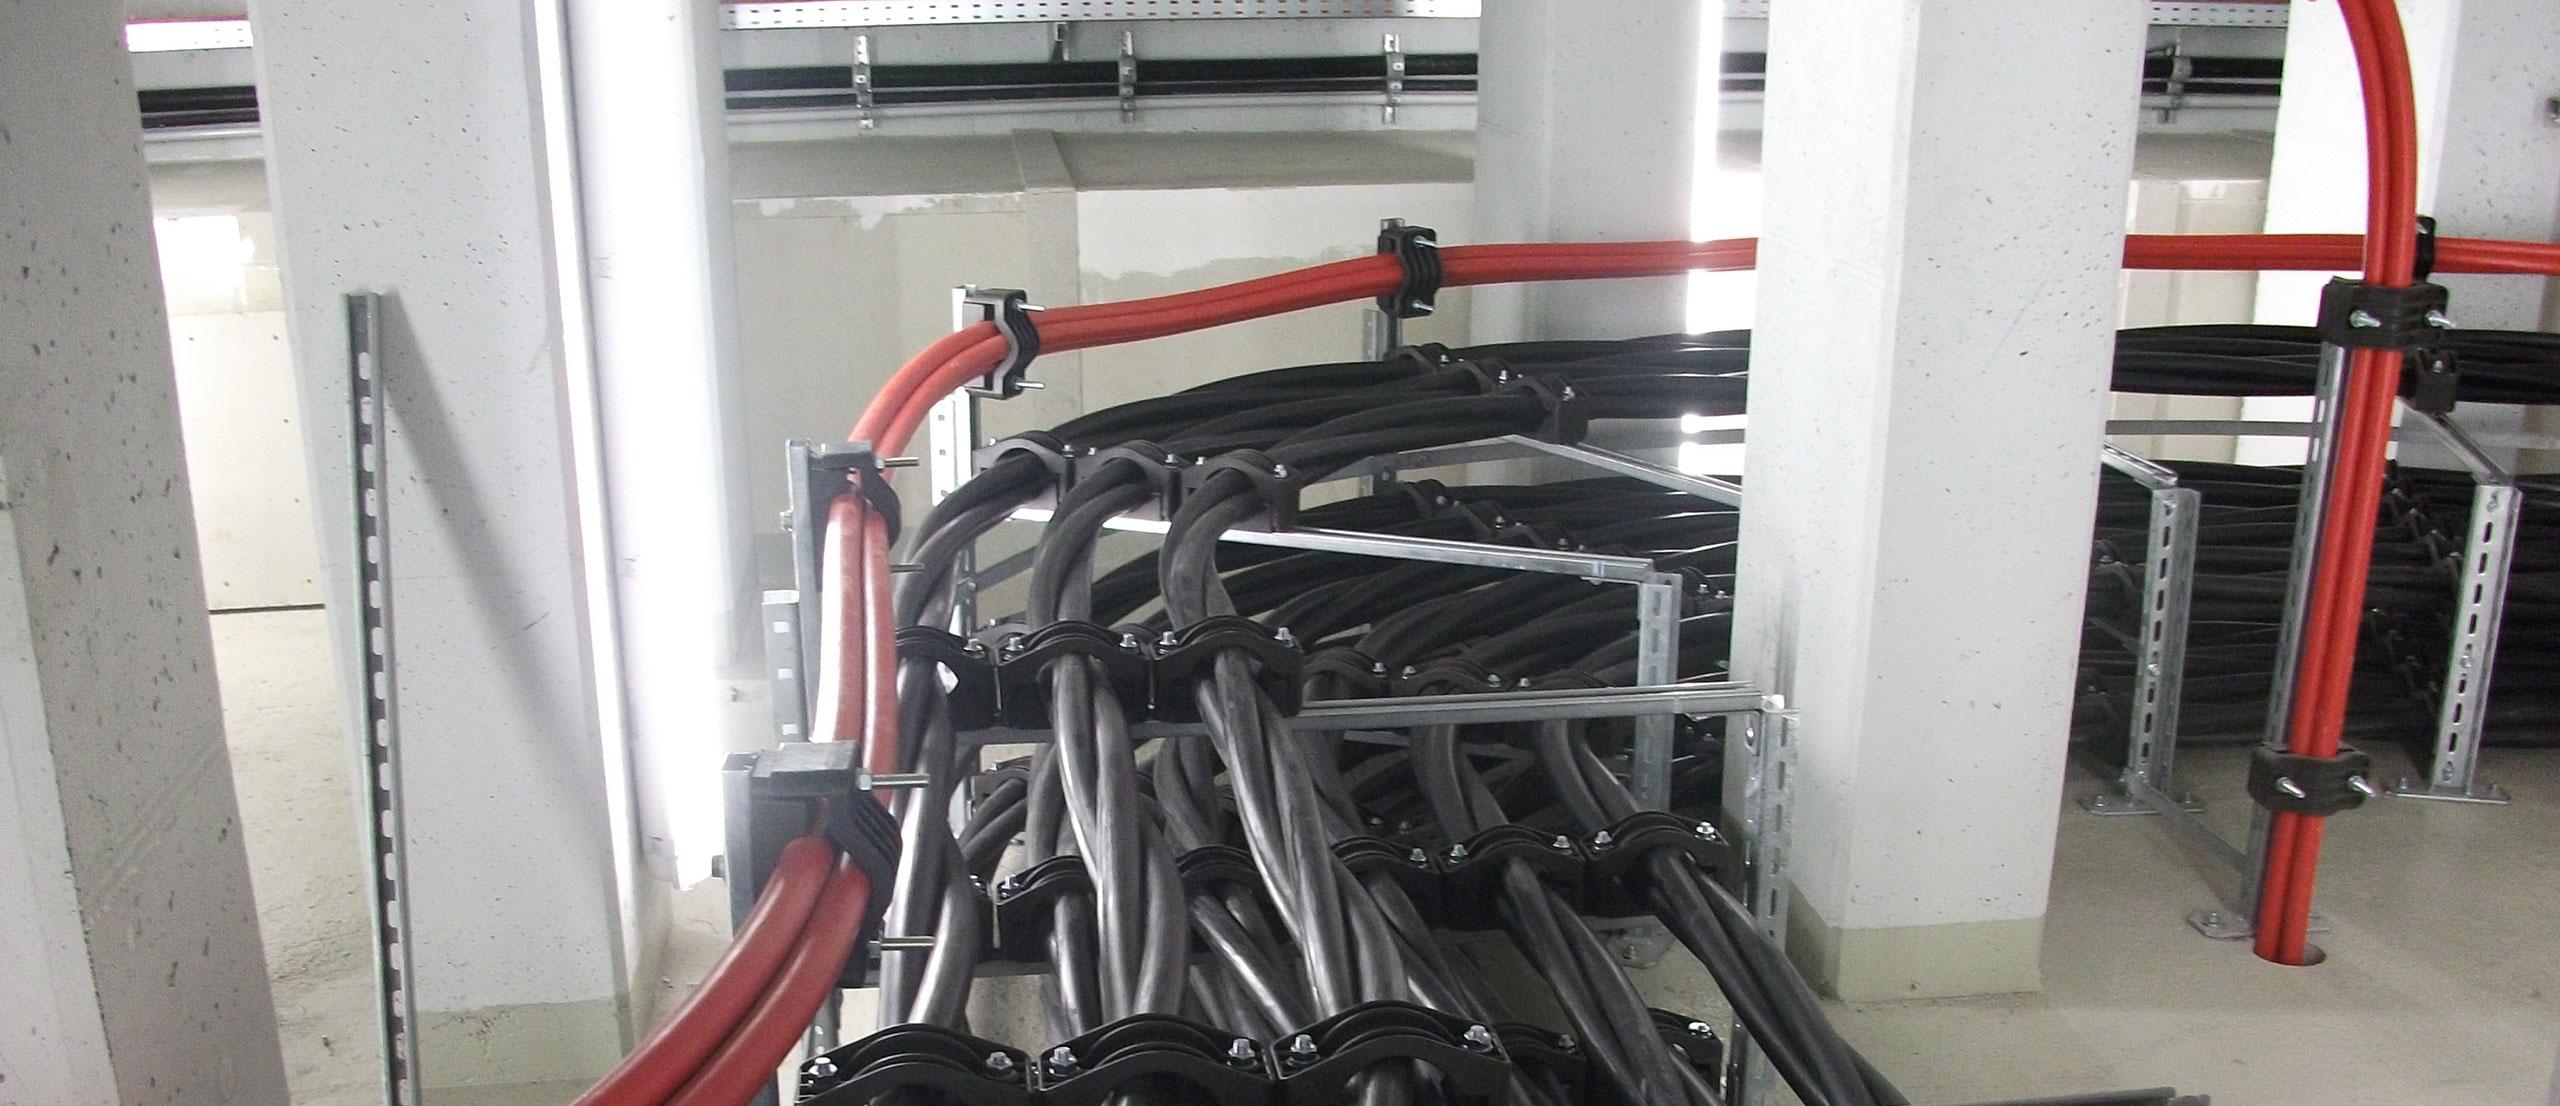 Kabelverlegung drinnen - Elmoba Kabelverlegung GmbH in Marl und Chur